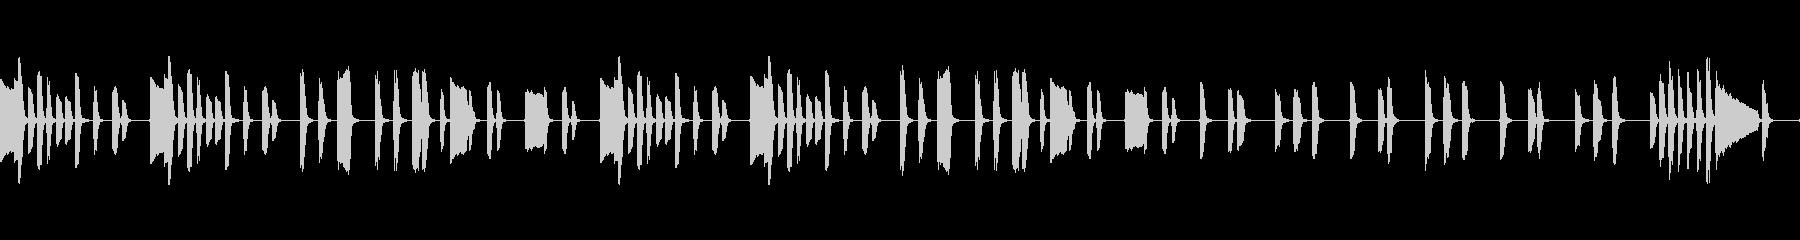 気の抜けたゆるいシュールなポップピアノの未再生の波形